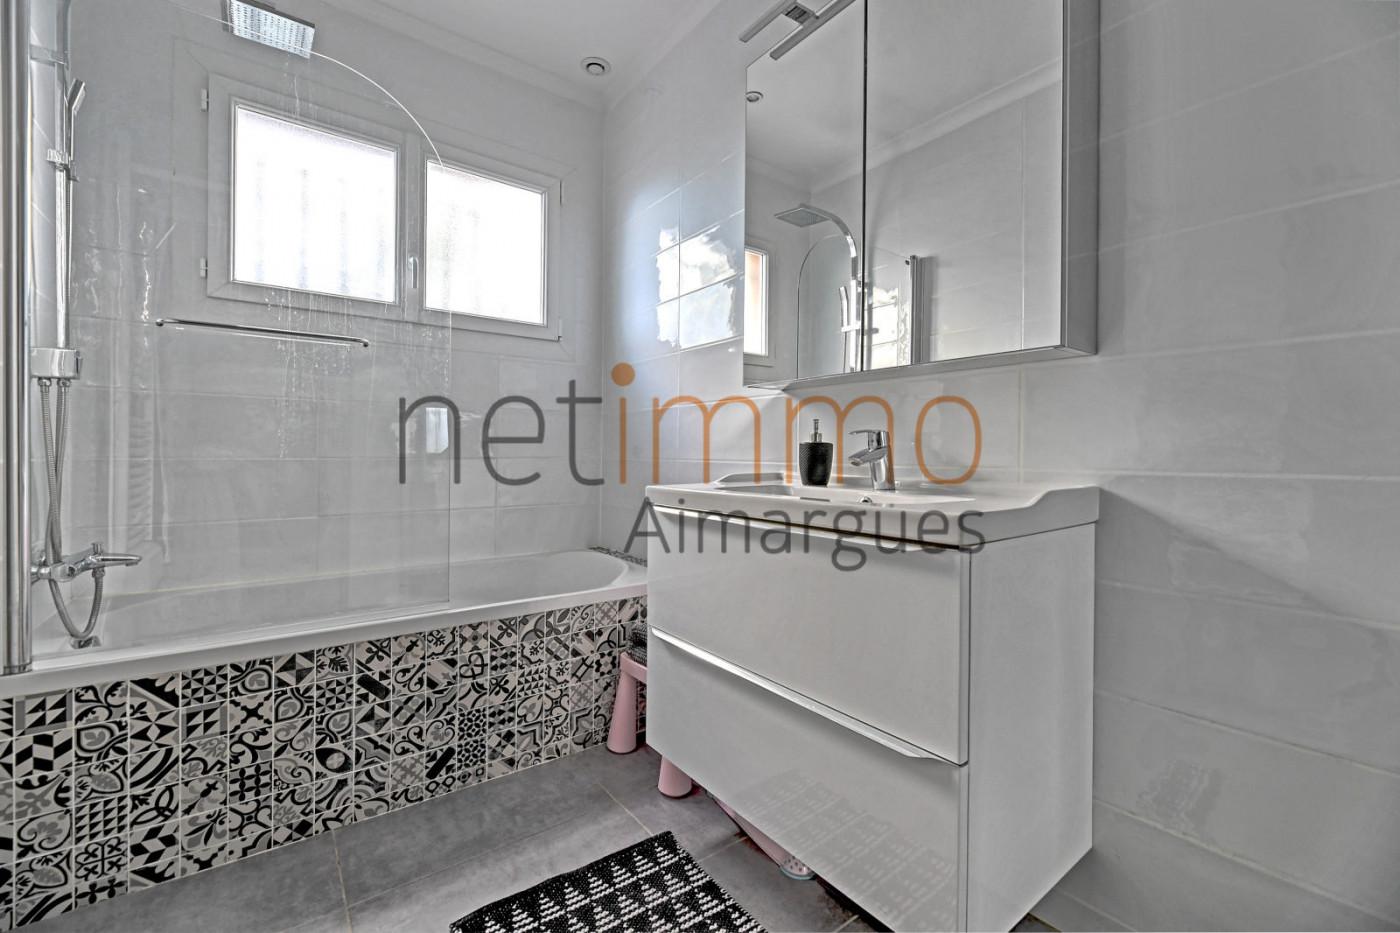 A vendre Le Cailar 30154117 Netimmo